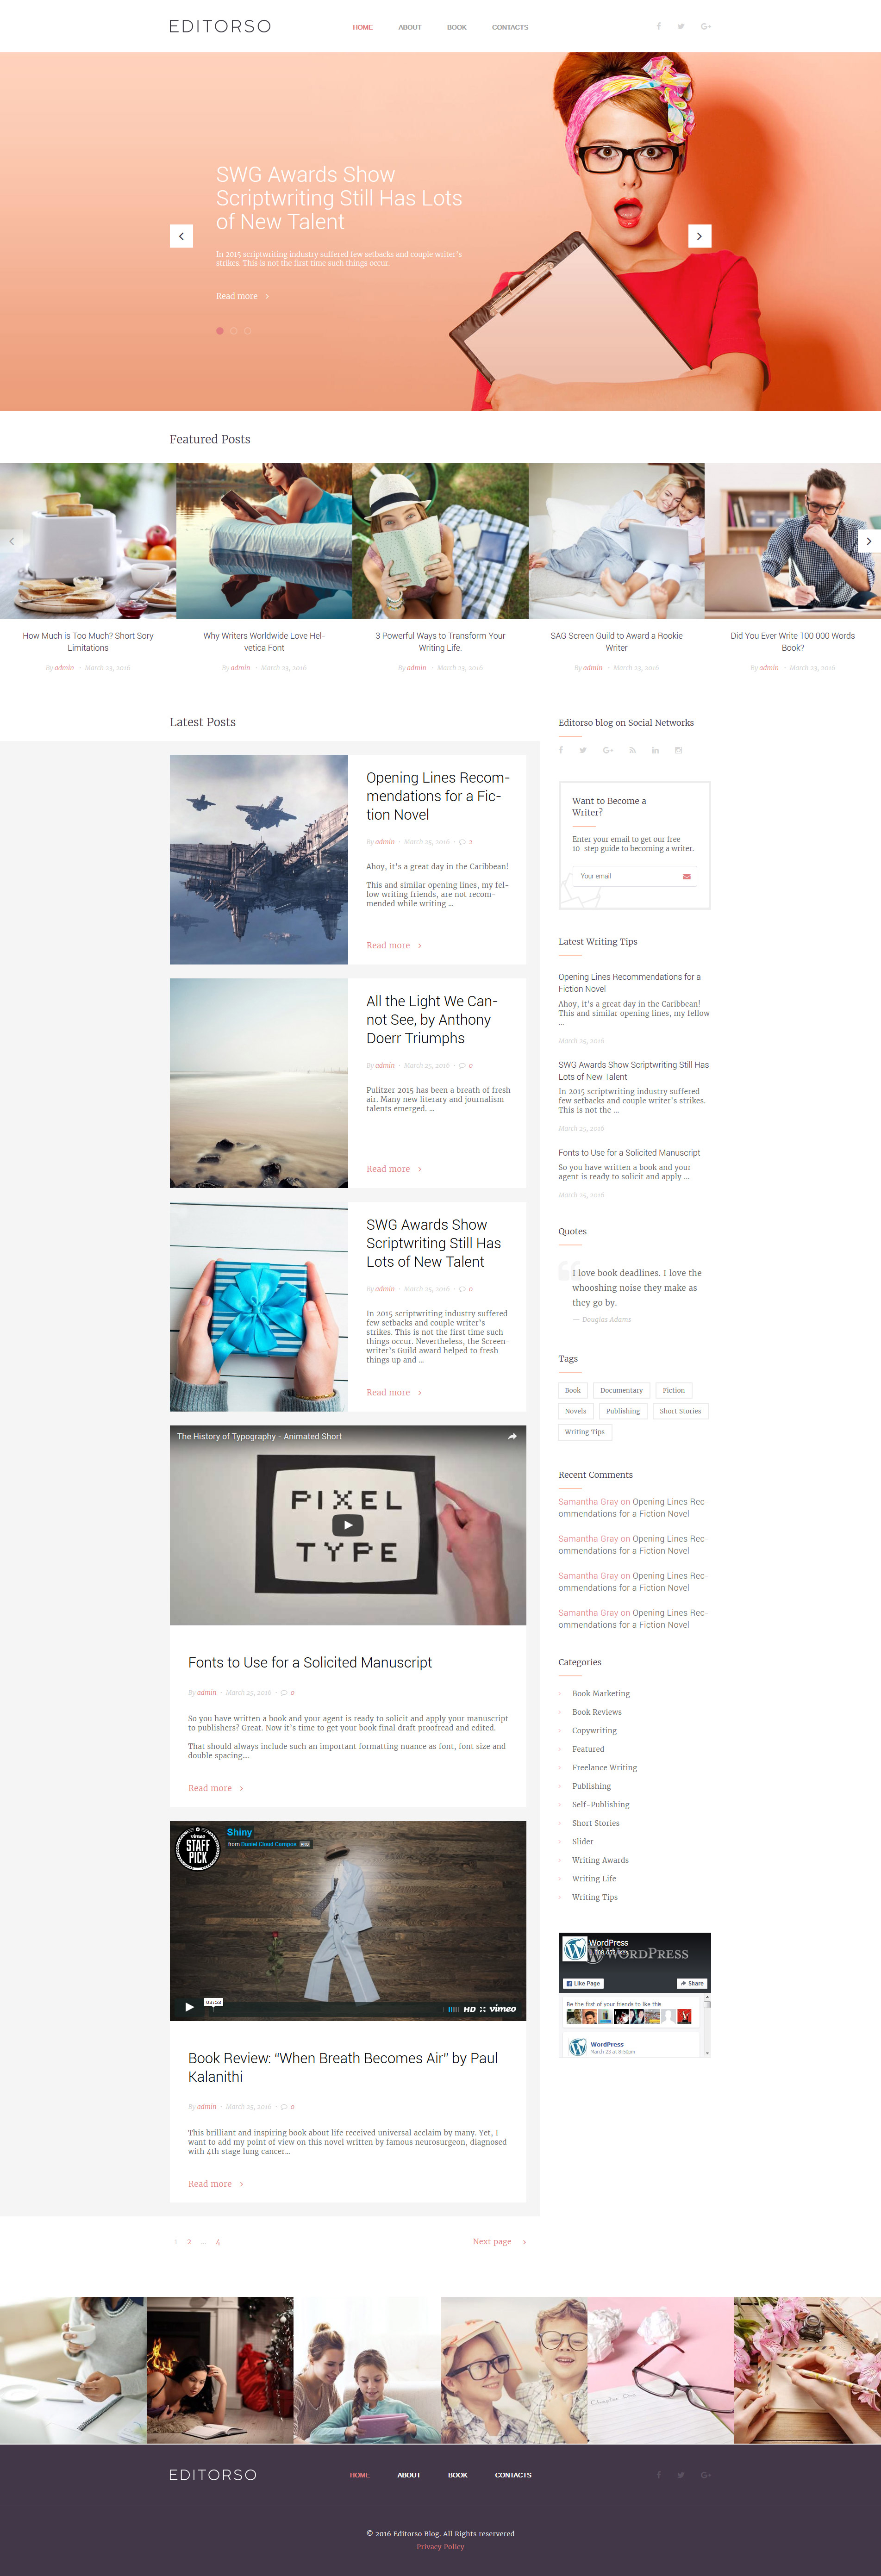 Responsive Editorso - bloglar portföyler Wordpress #58513 - Ekran resmi